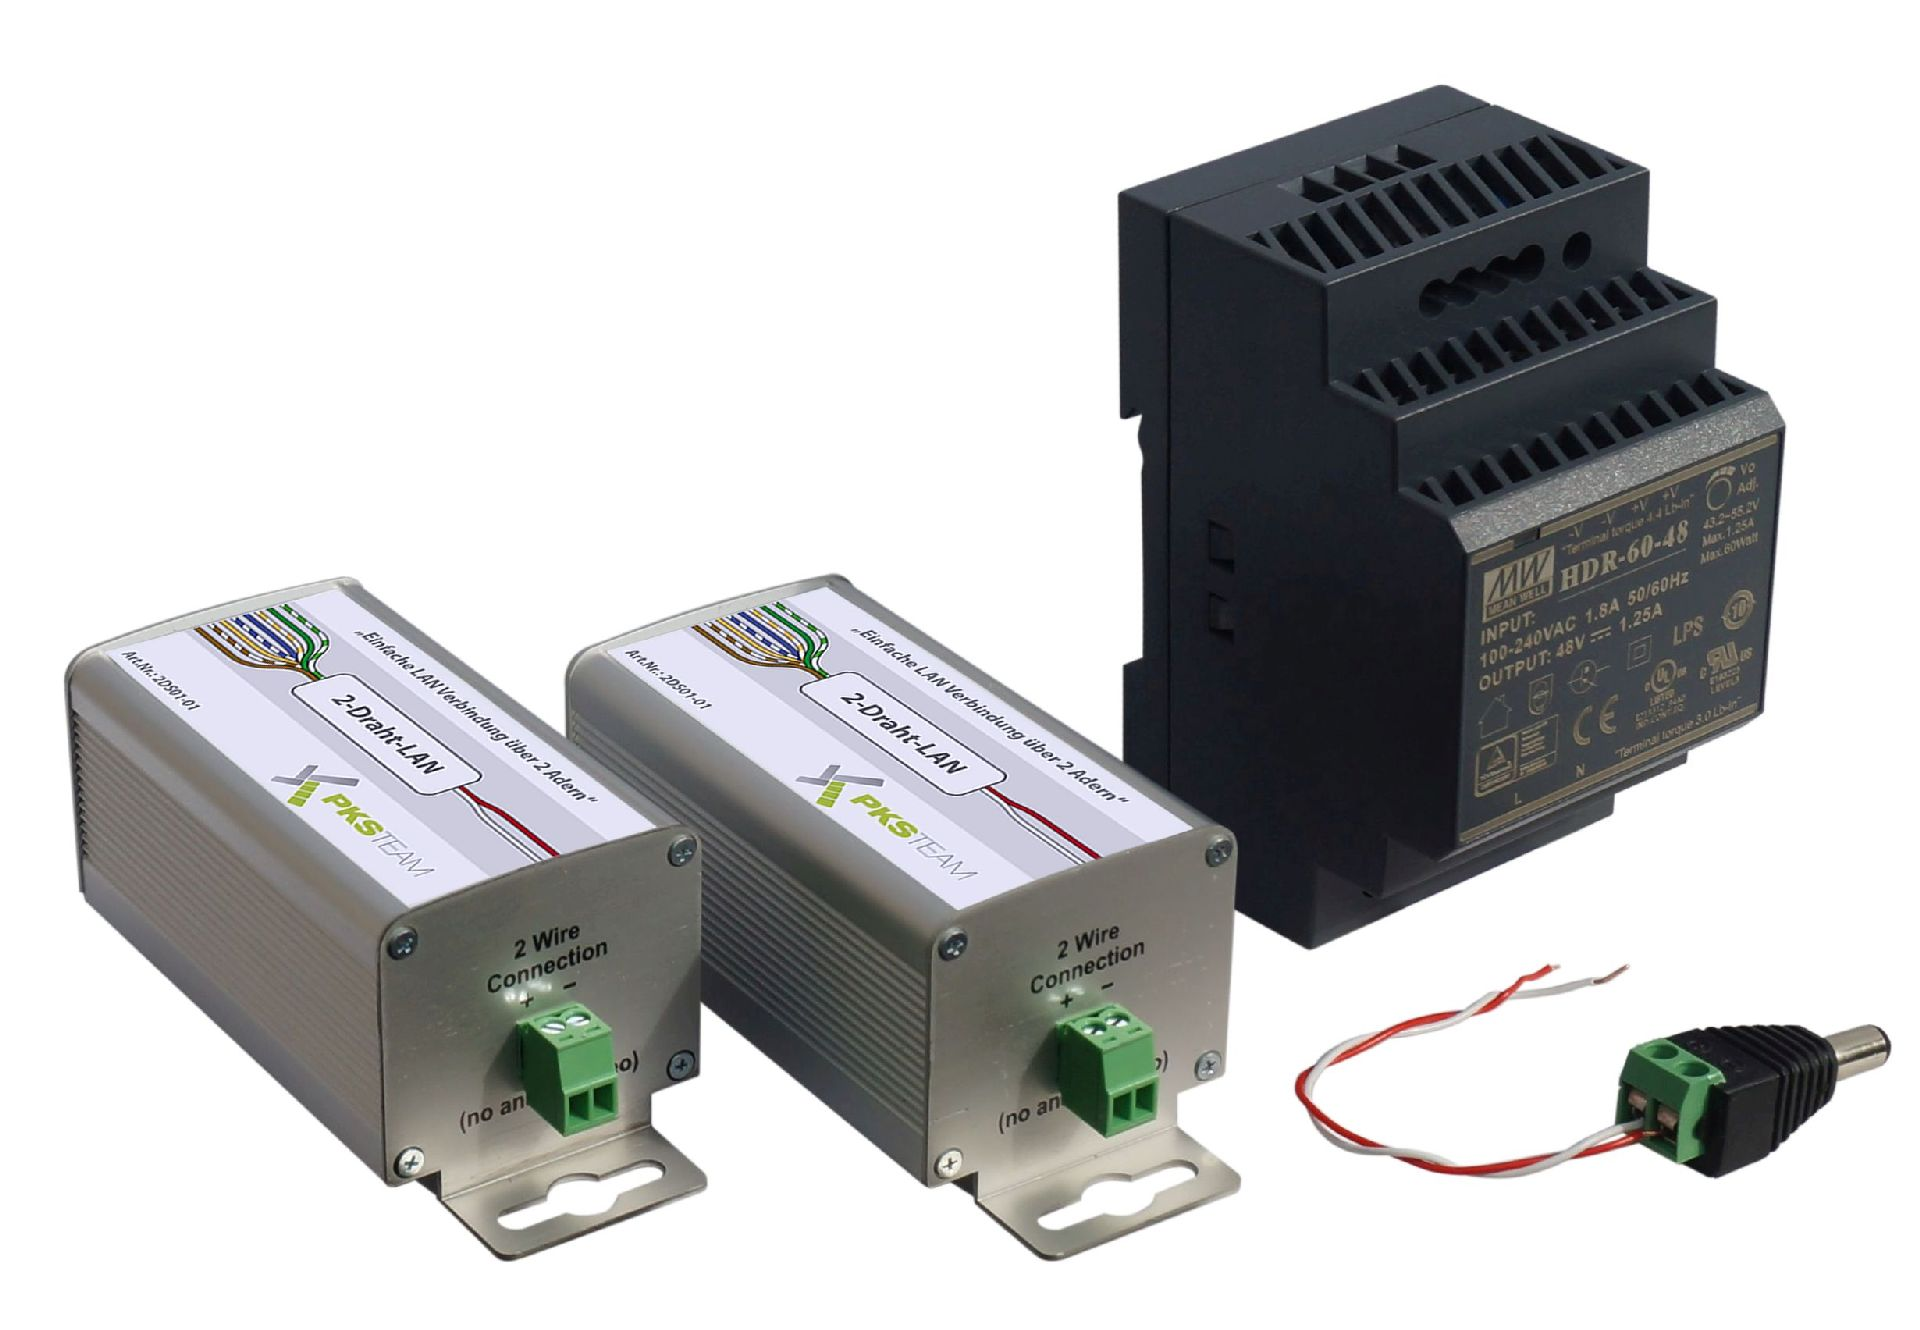 2-Draht-Netzwerk-Adapter mit PoE - 2-er Set mit Netzteil